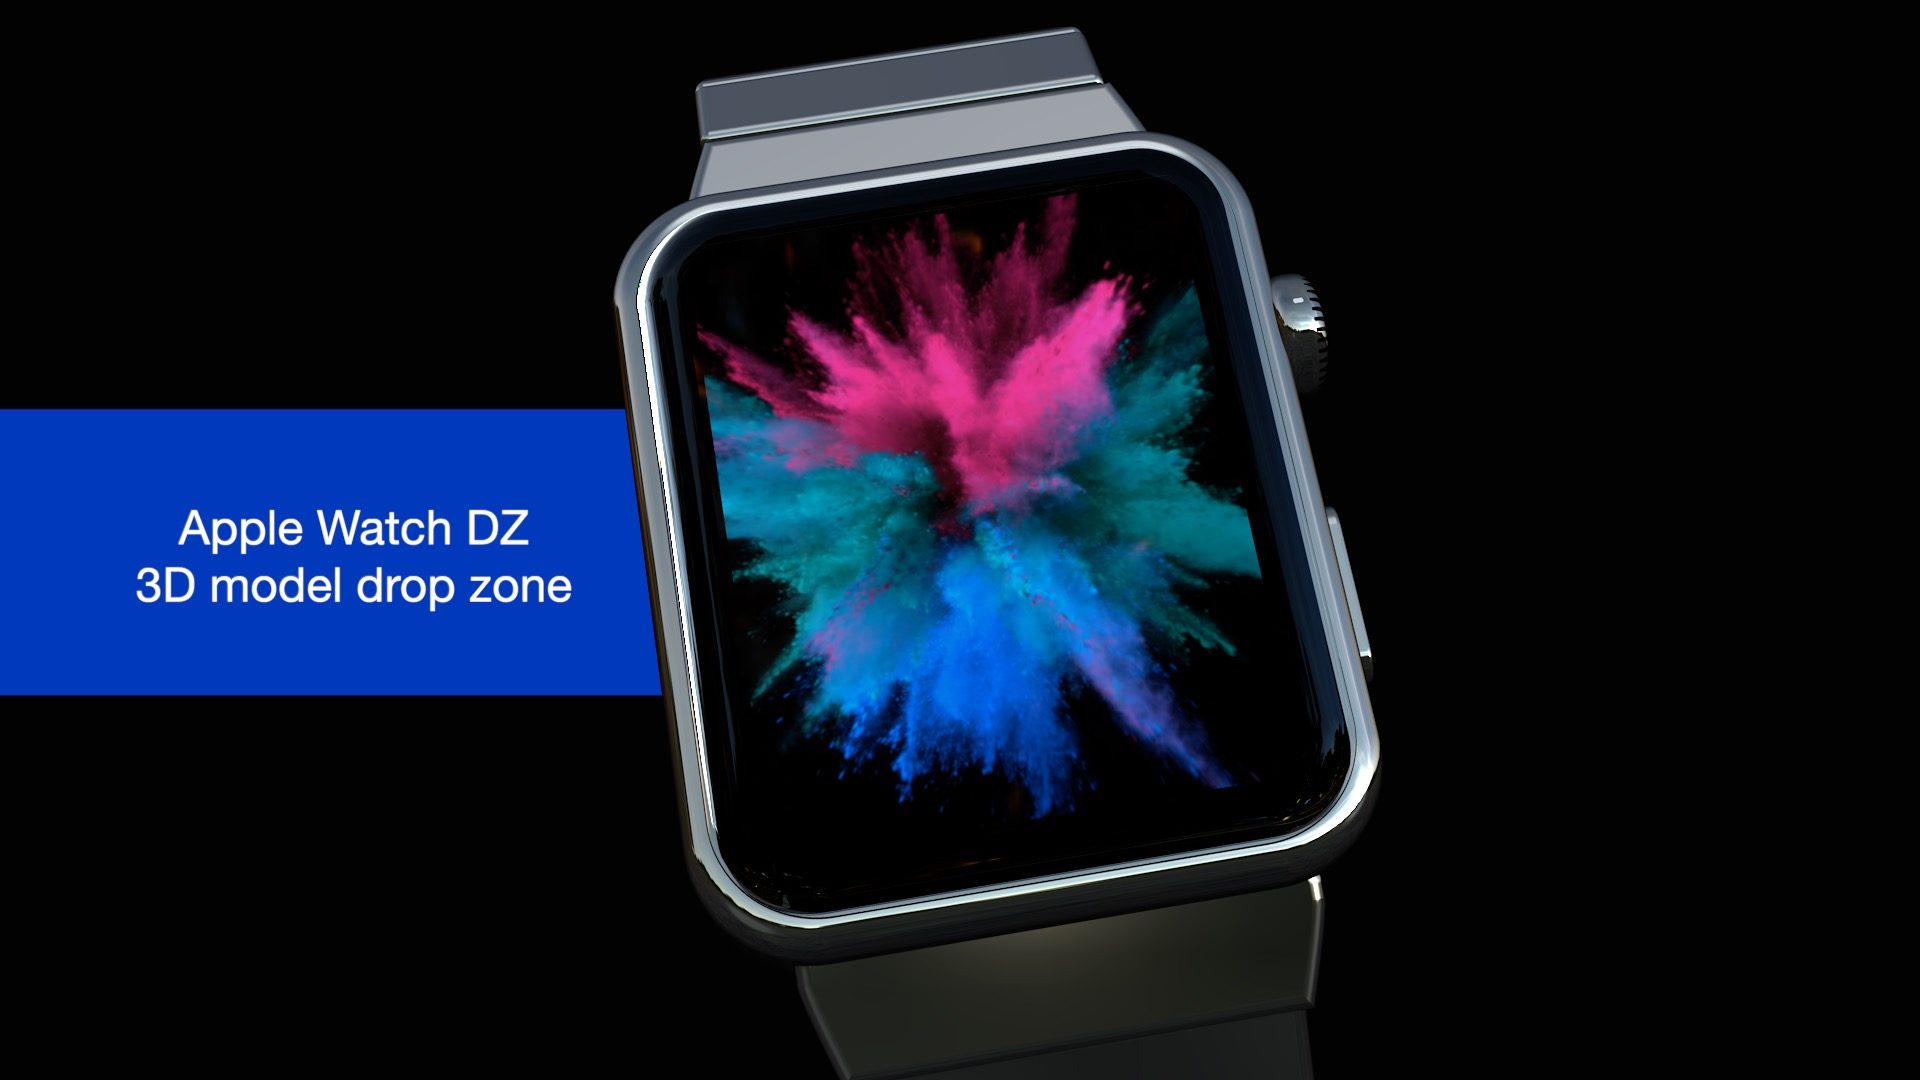 Apple Watch DZ